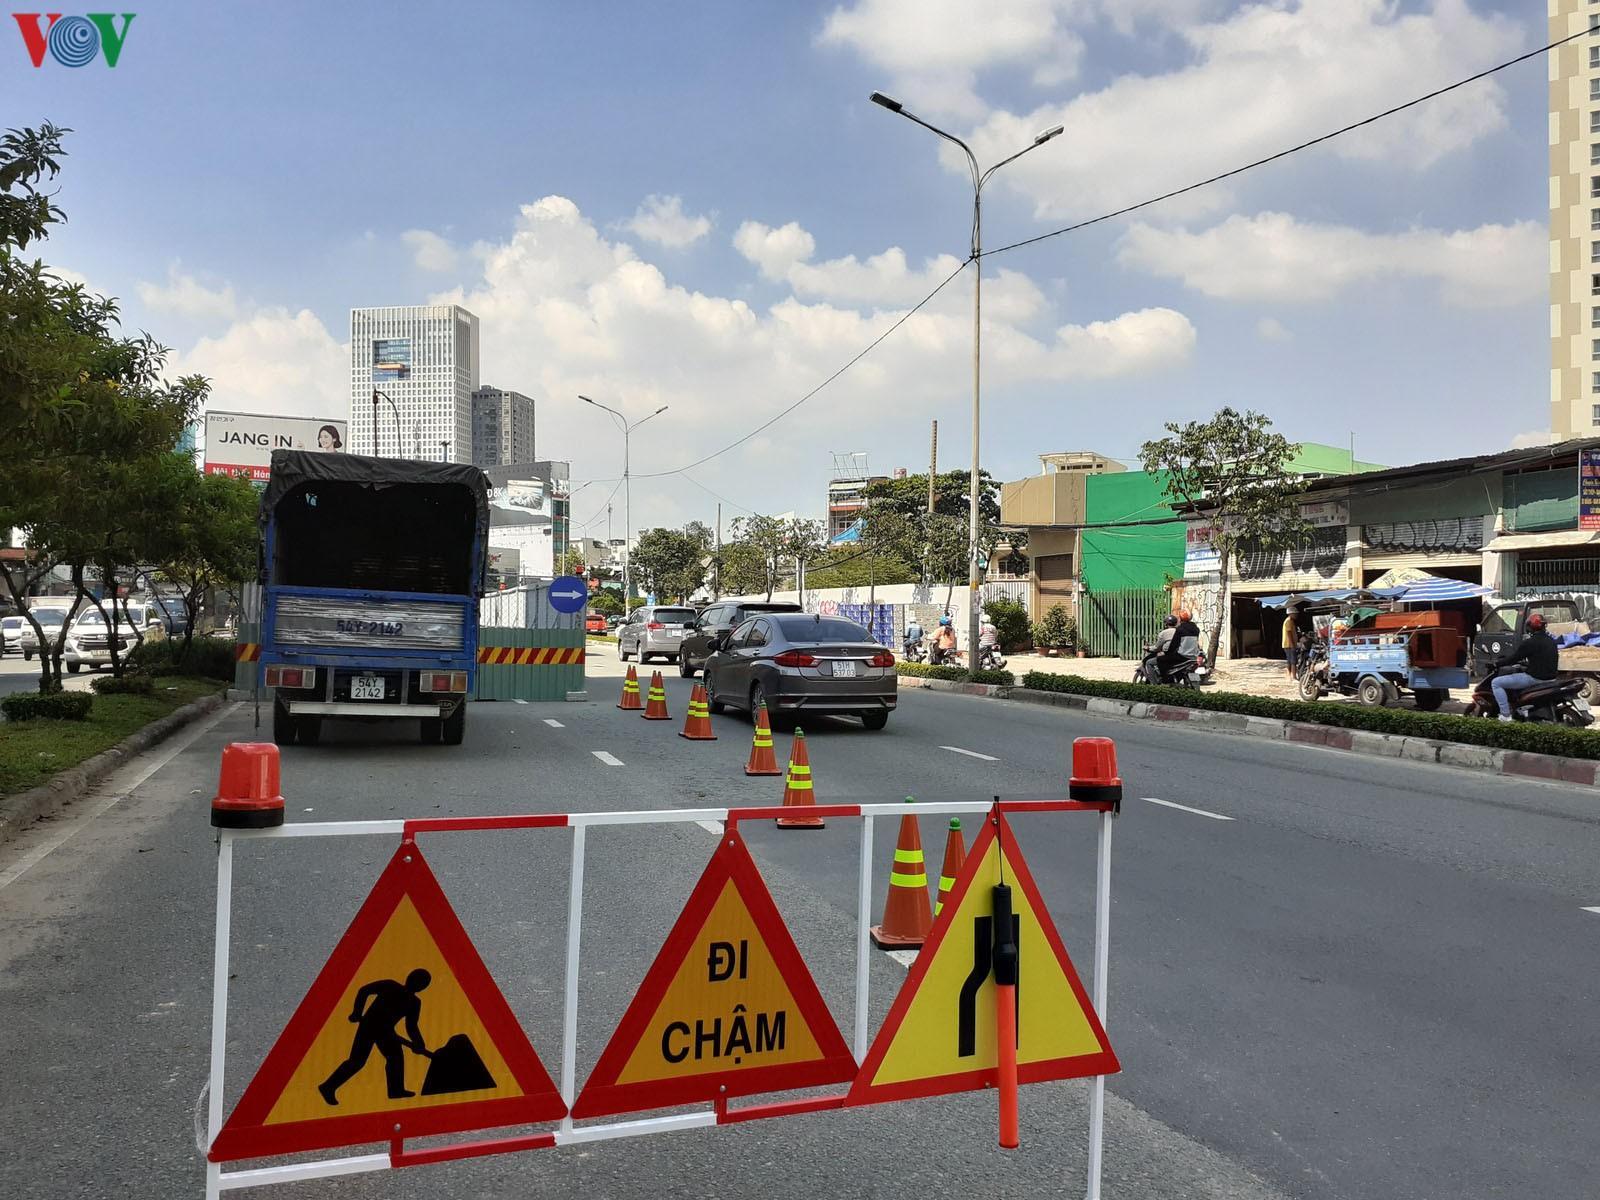 Khó có thể giải quyết triệt để kẹt xe trên đường Nguyễn Hữu Cảnh Ảnh 3